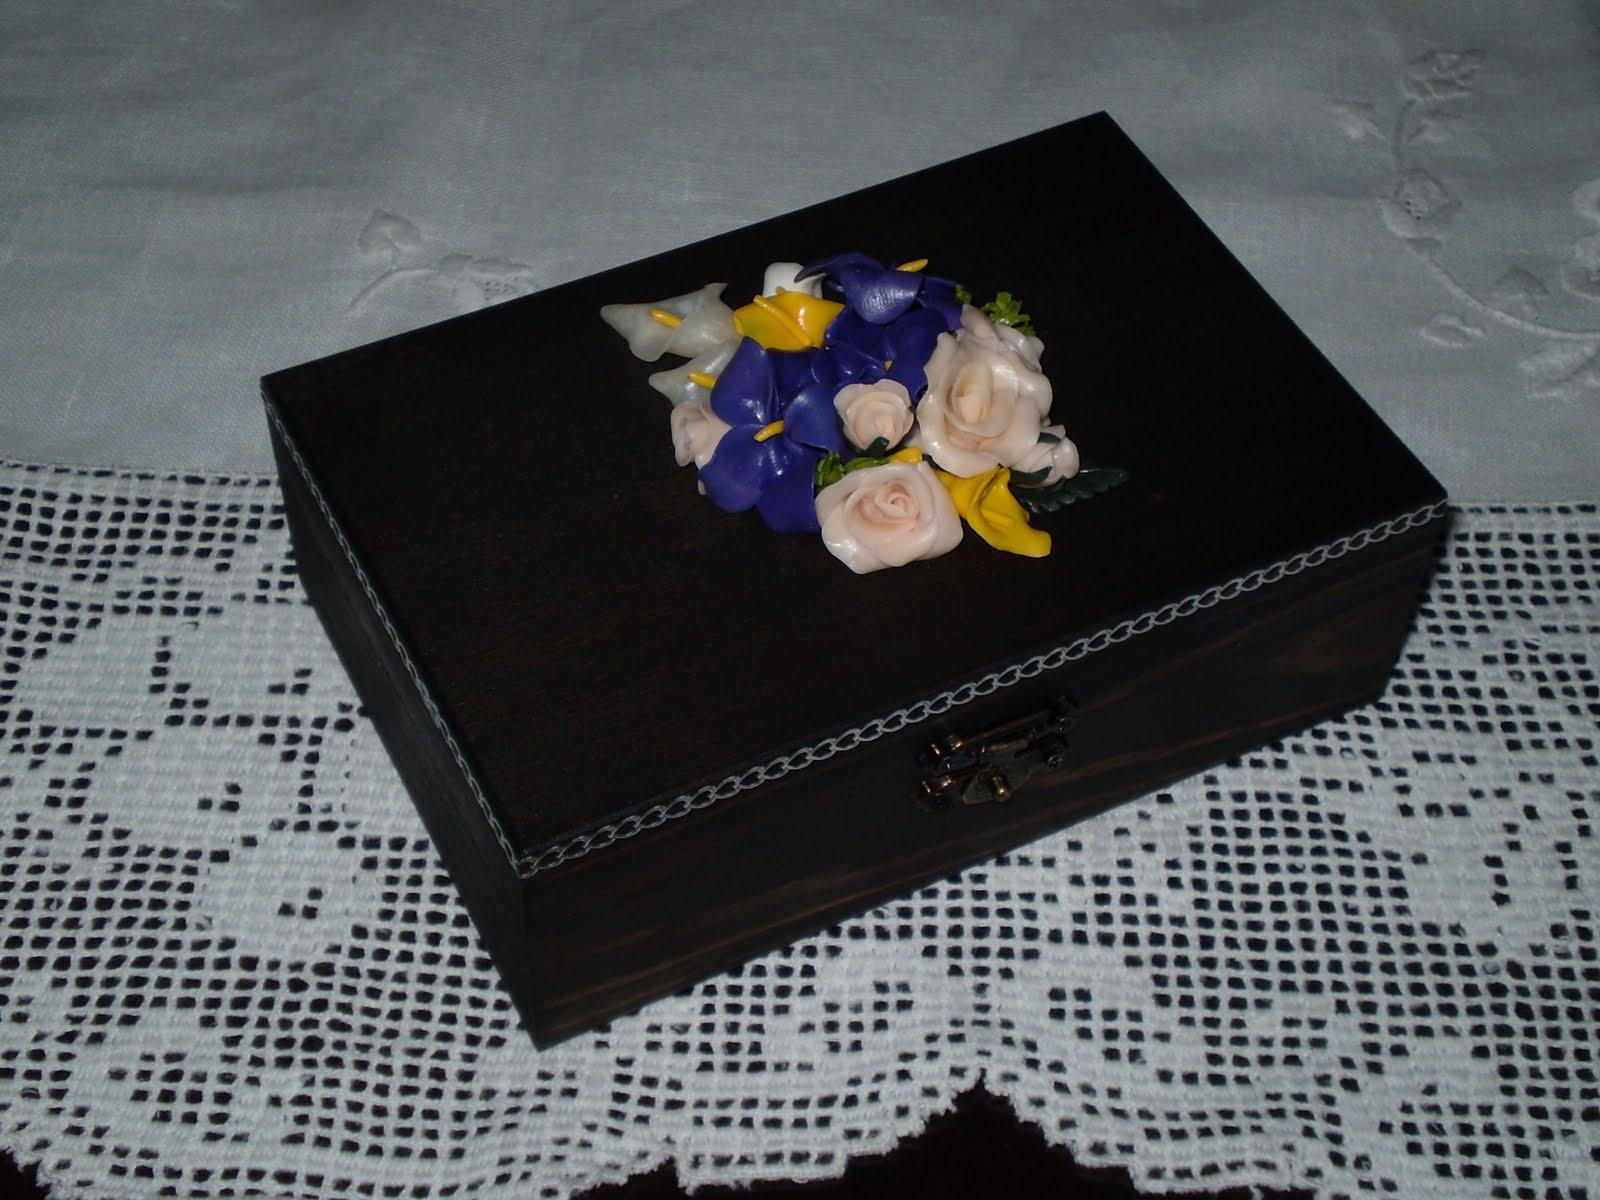 Bricolages***: Caixa de madeira com flores #B68B0B 1600x1200